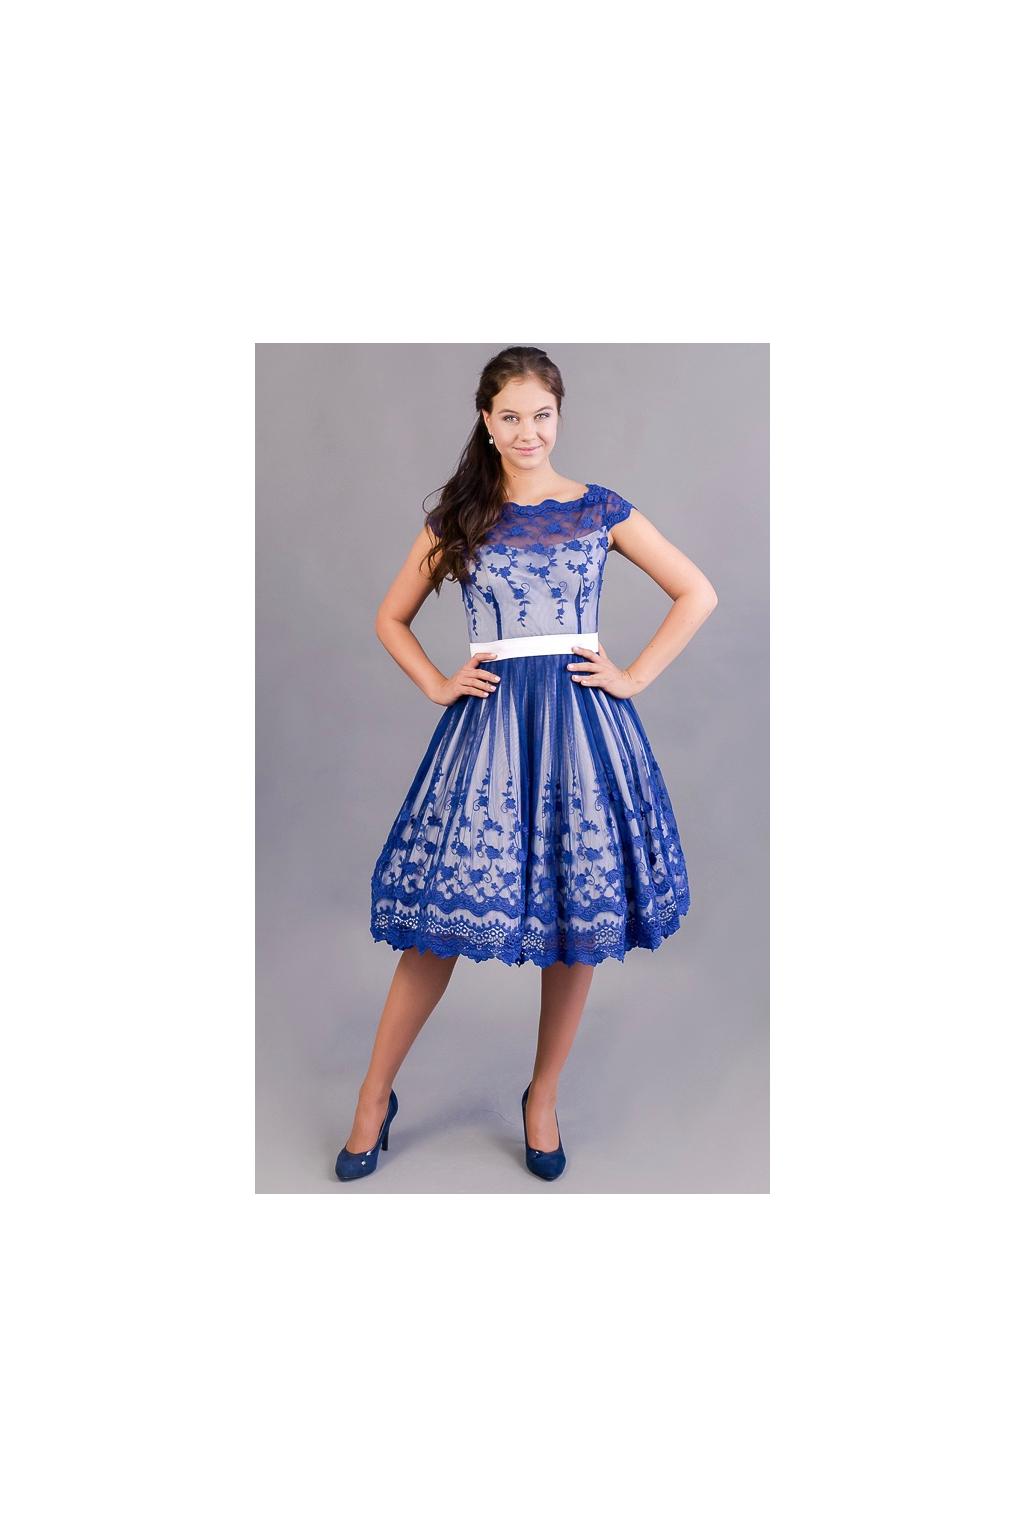 originální svatební šaty ušité ze starodávné bavlněné krajky ... c574877d9b